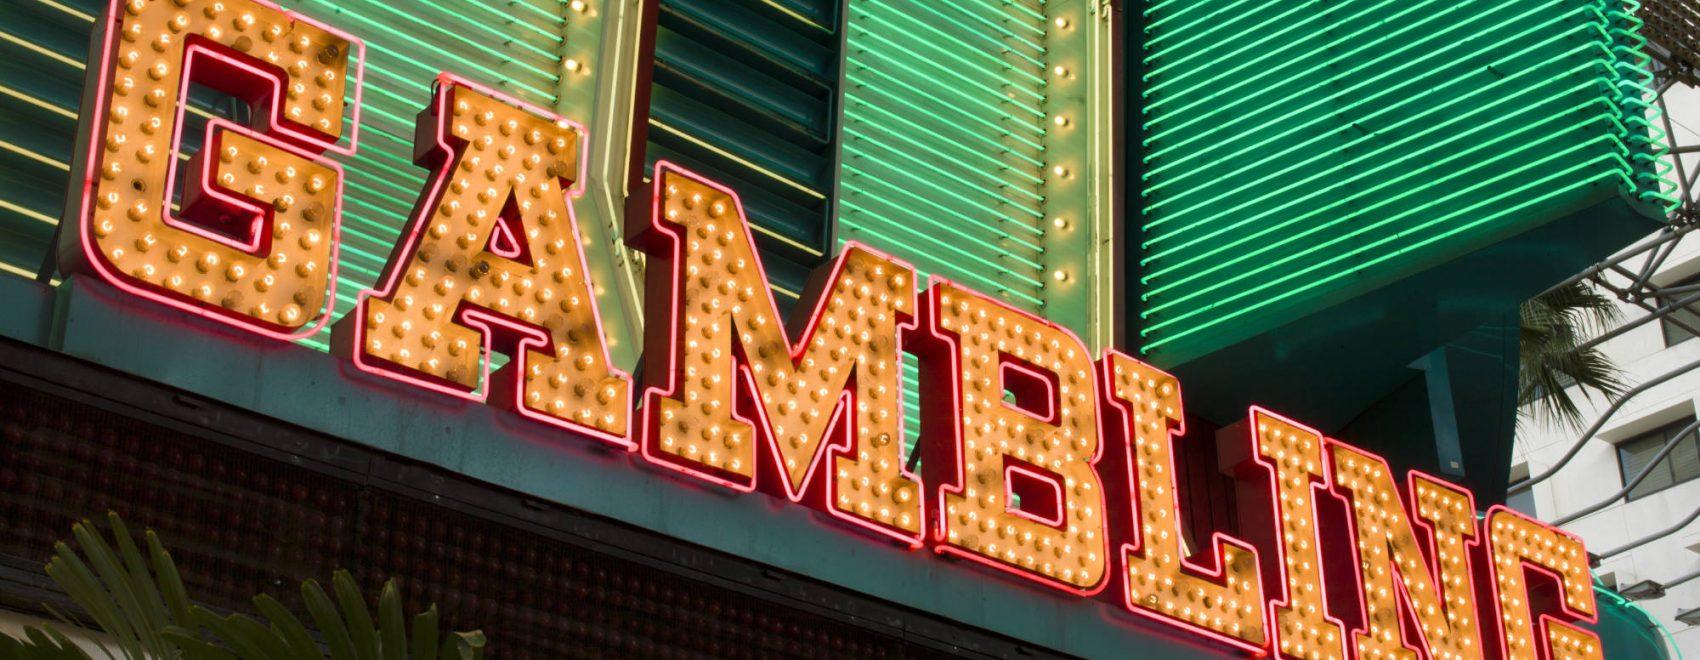 Gambling Sign at Binion's Las Vegas